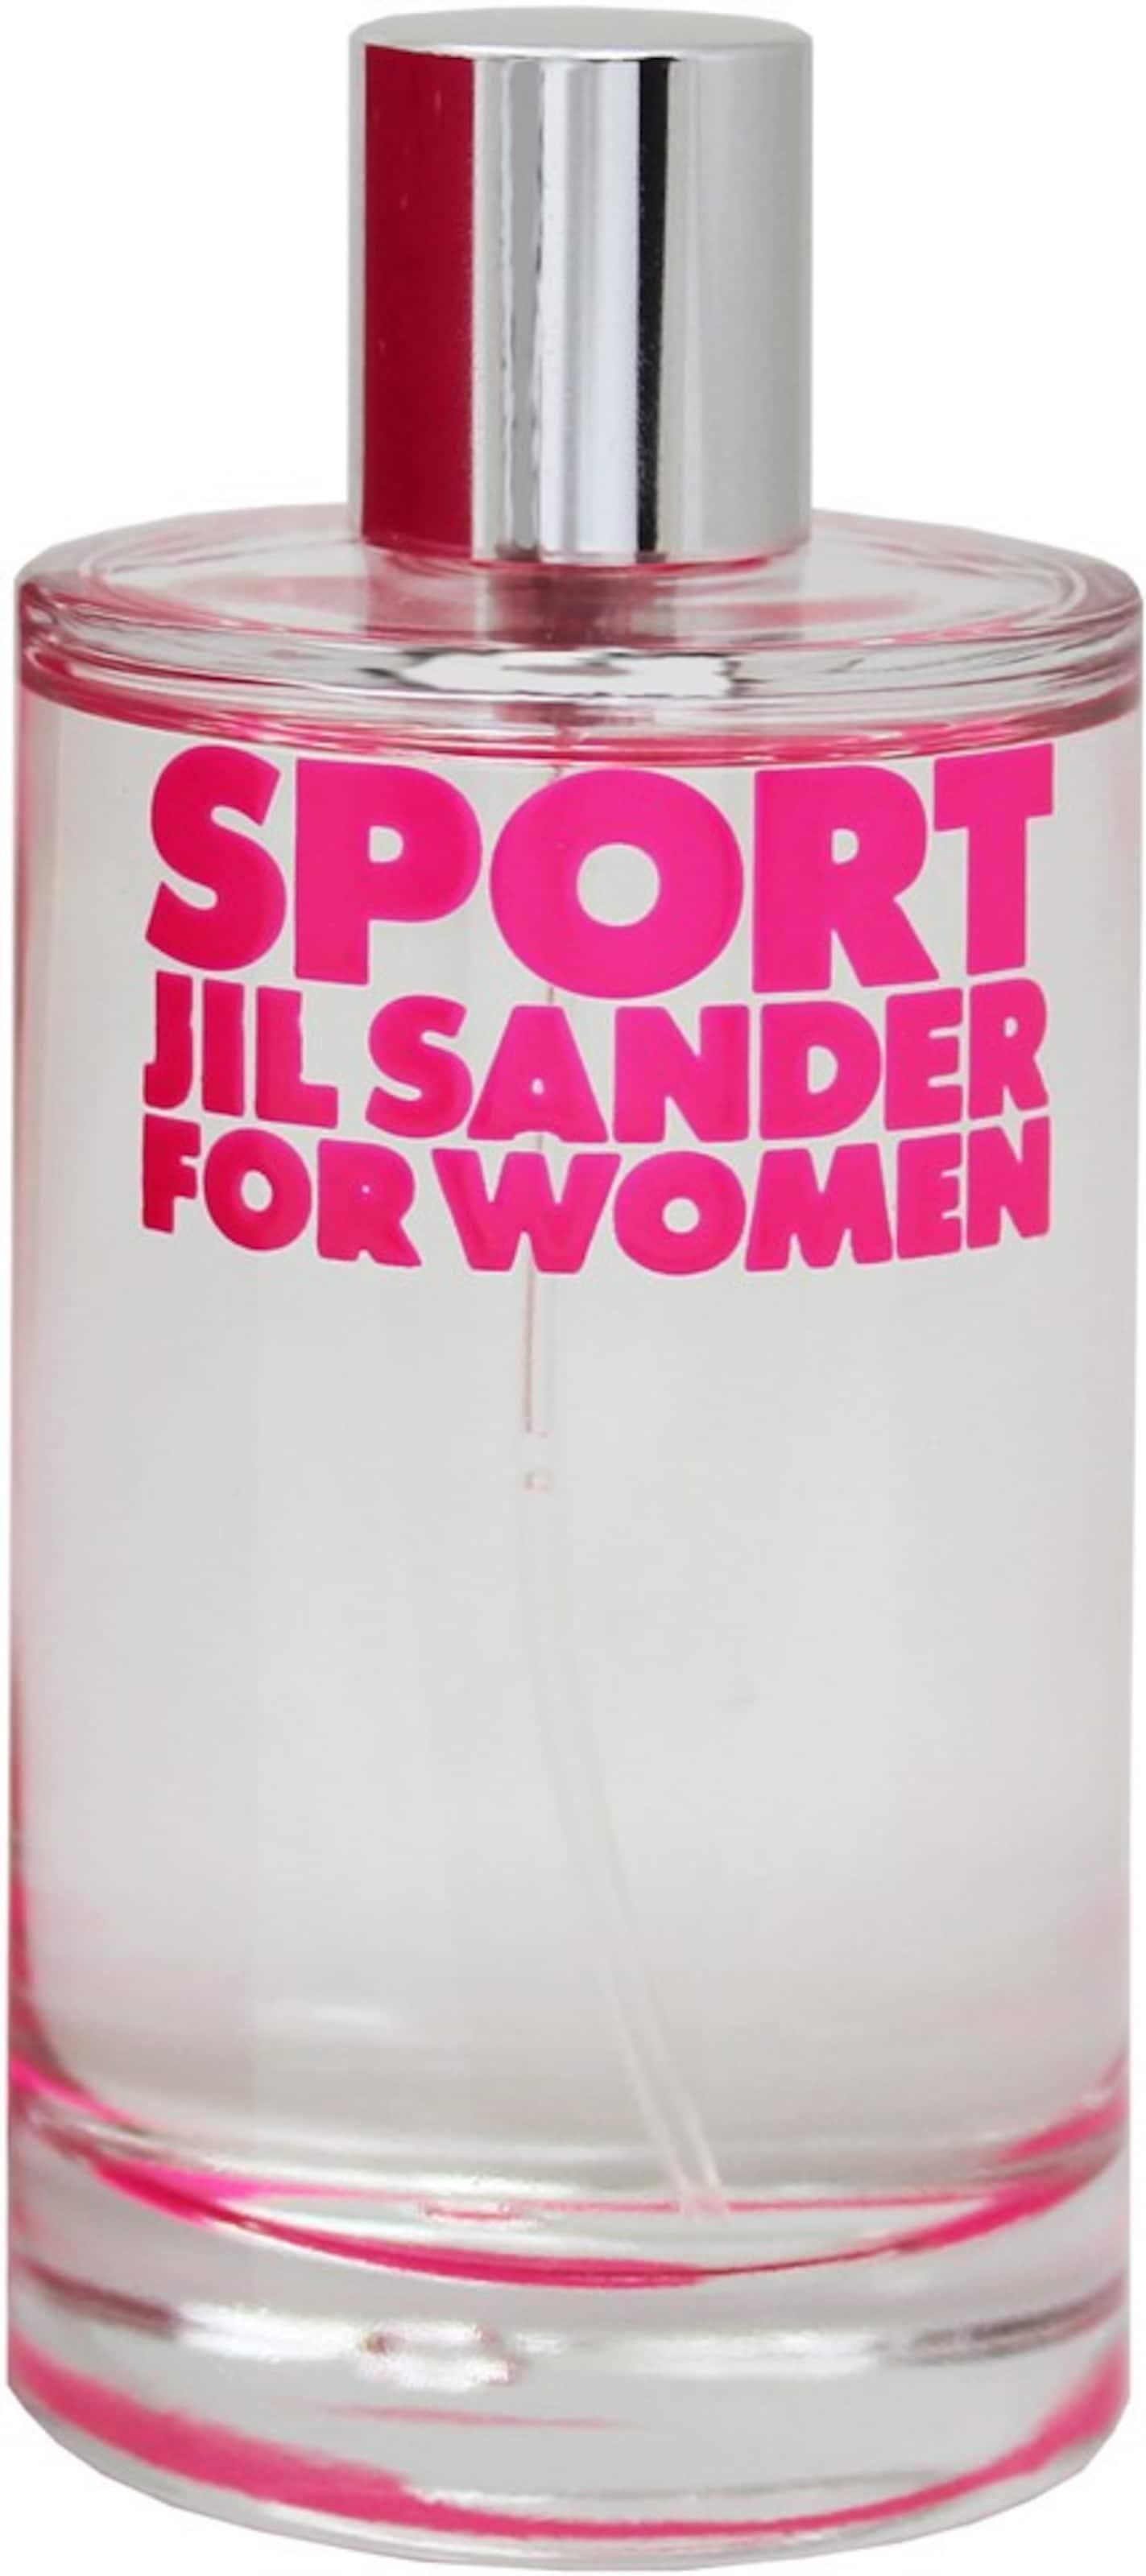 JIL SANDER 'Sport for Woman' Eau de Toilette Freiheit Genießen MflrOUsn